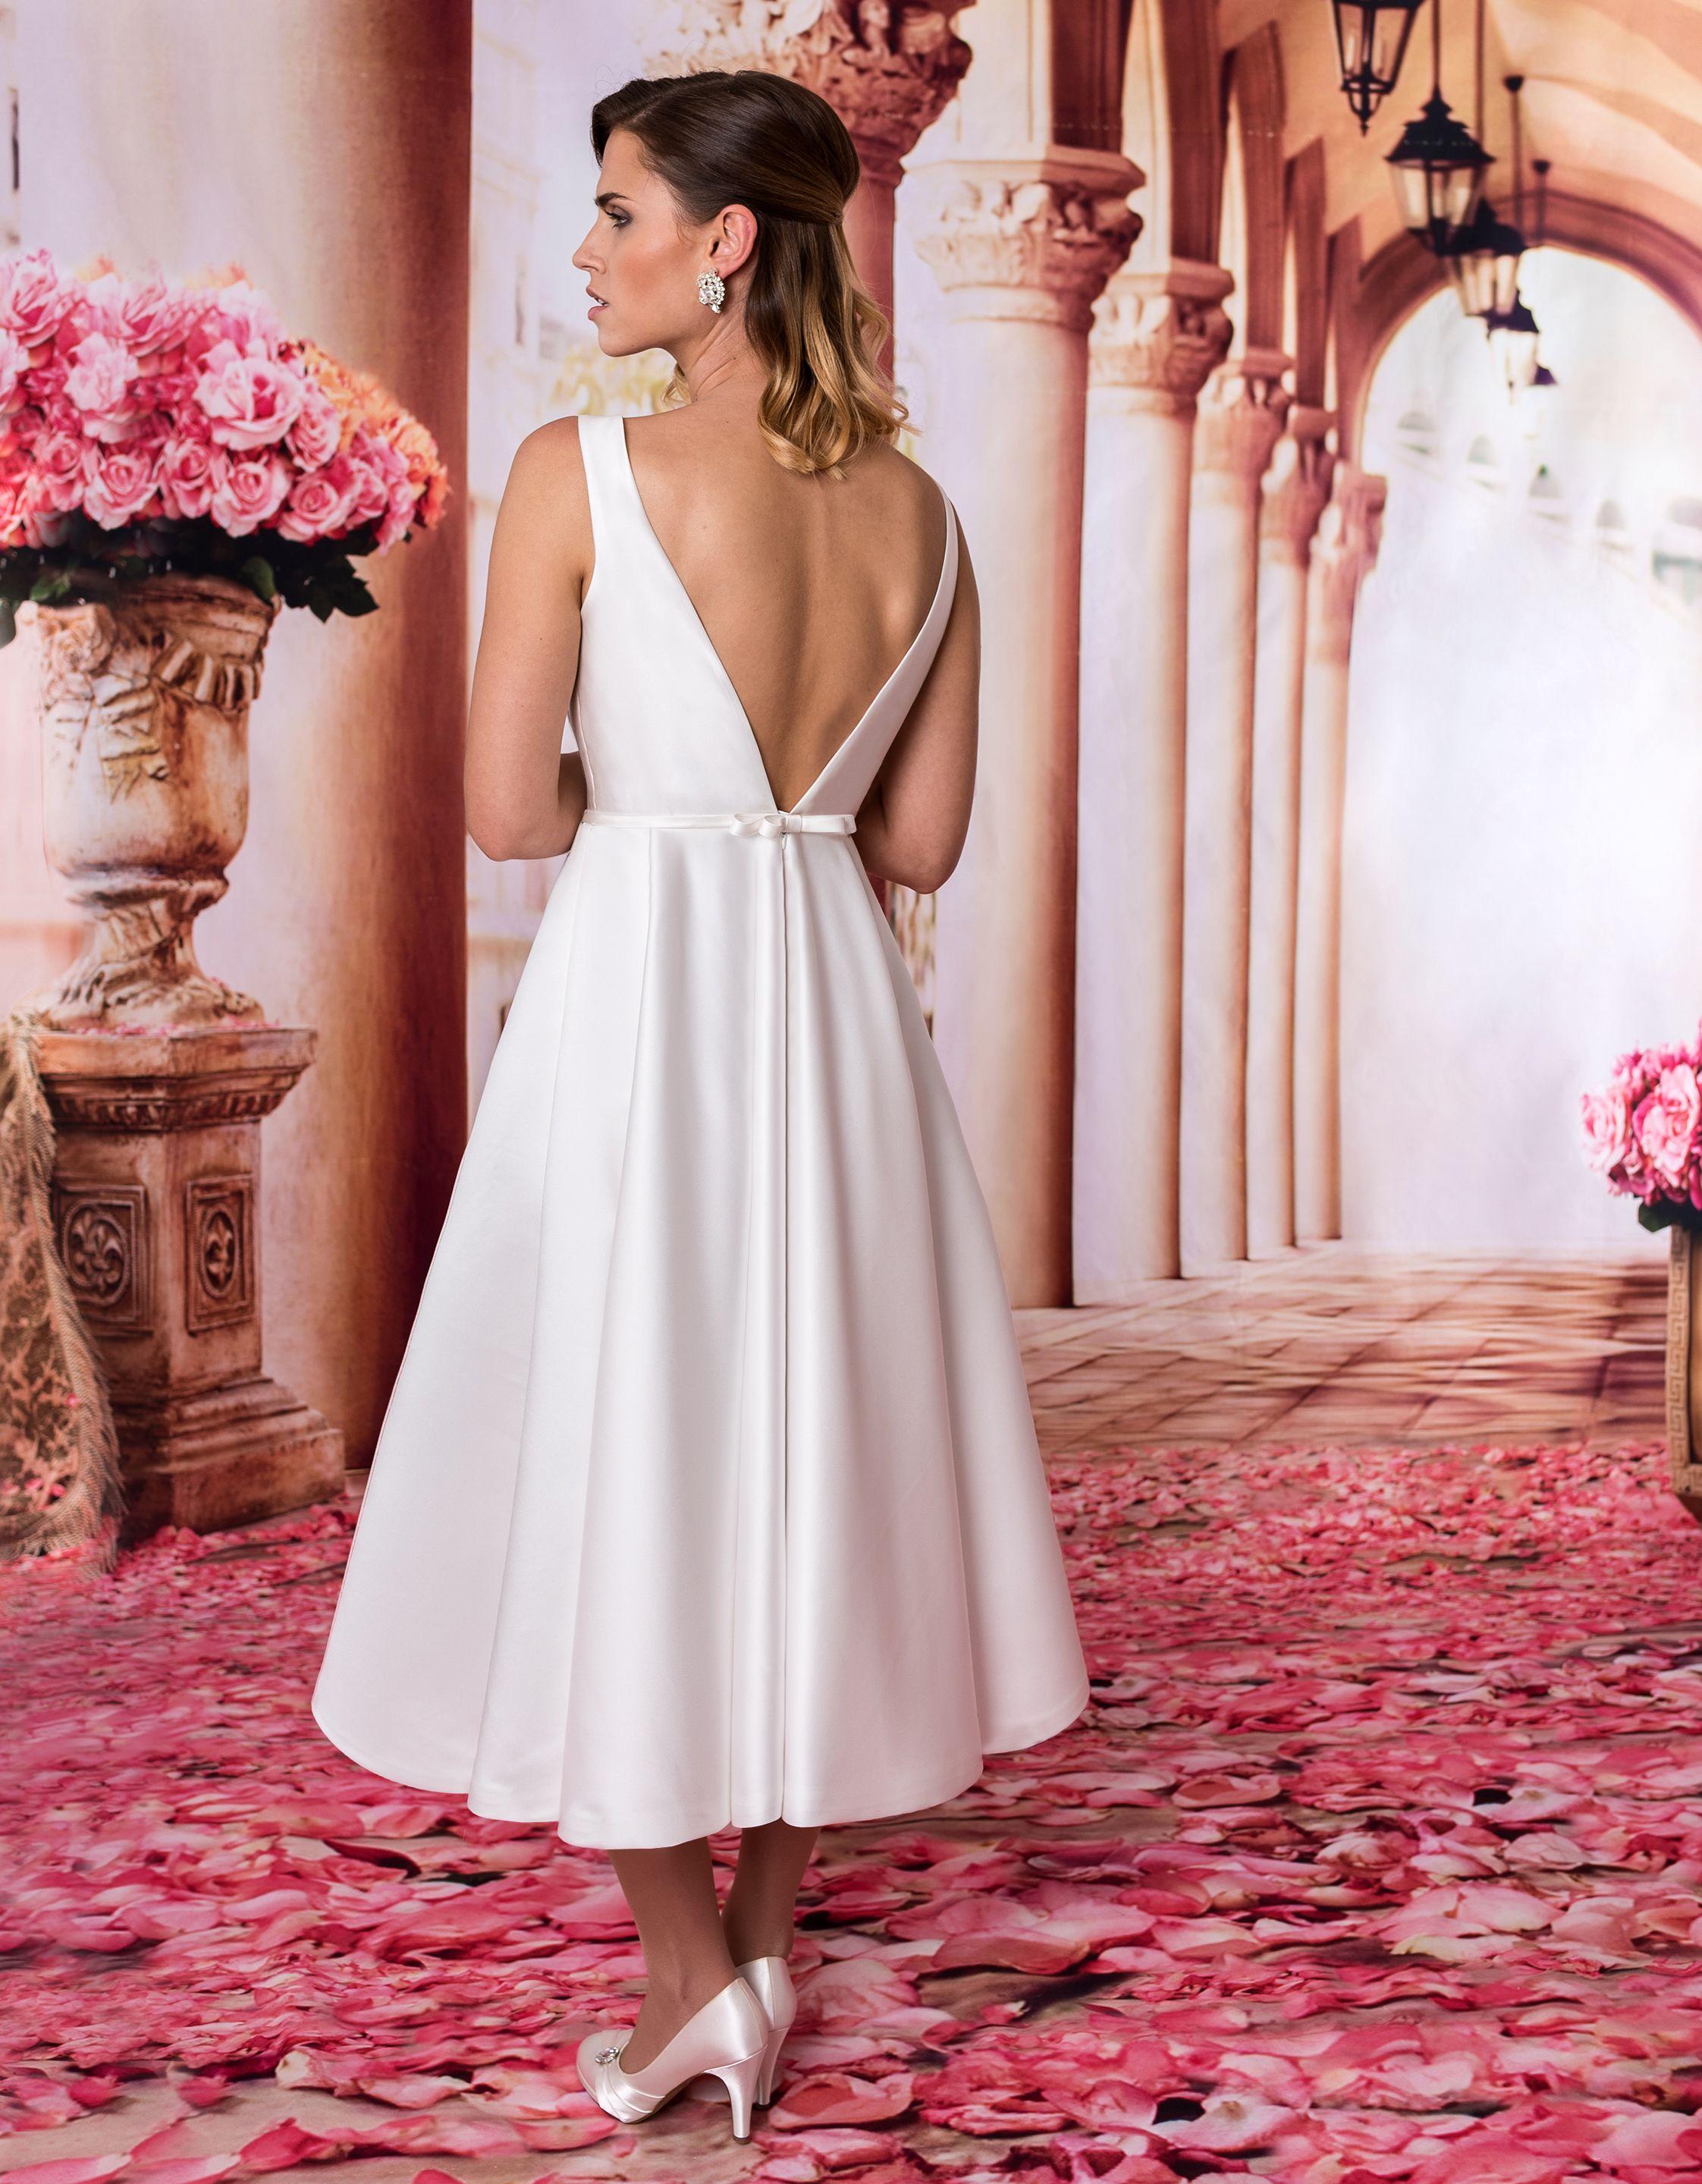 Brautkleid Alicia #hochzeit #brautkleid #braut #weiß #weddingdress ...